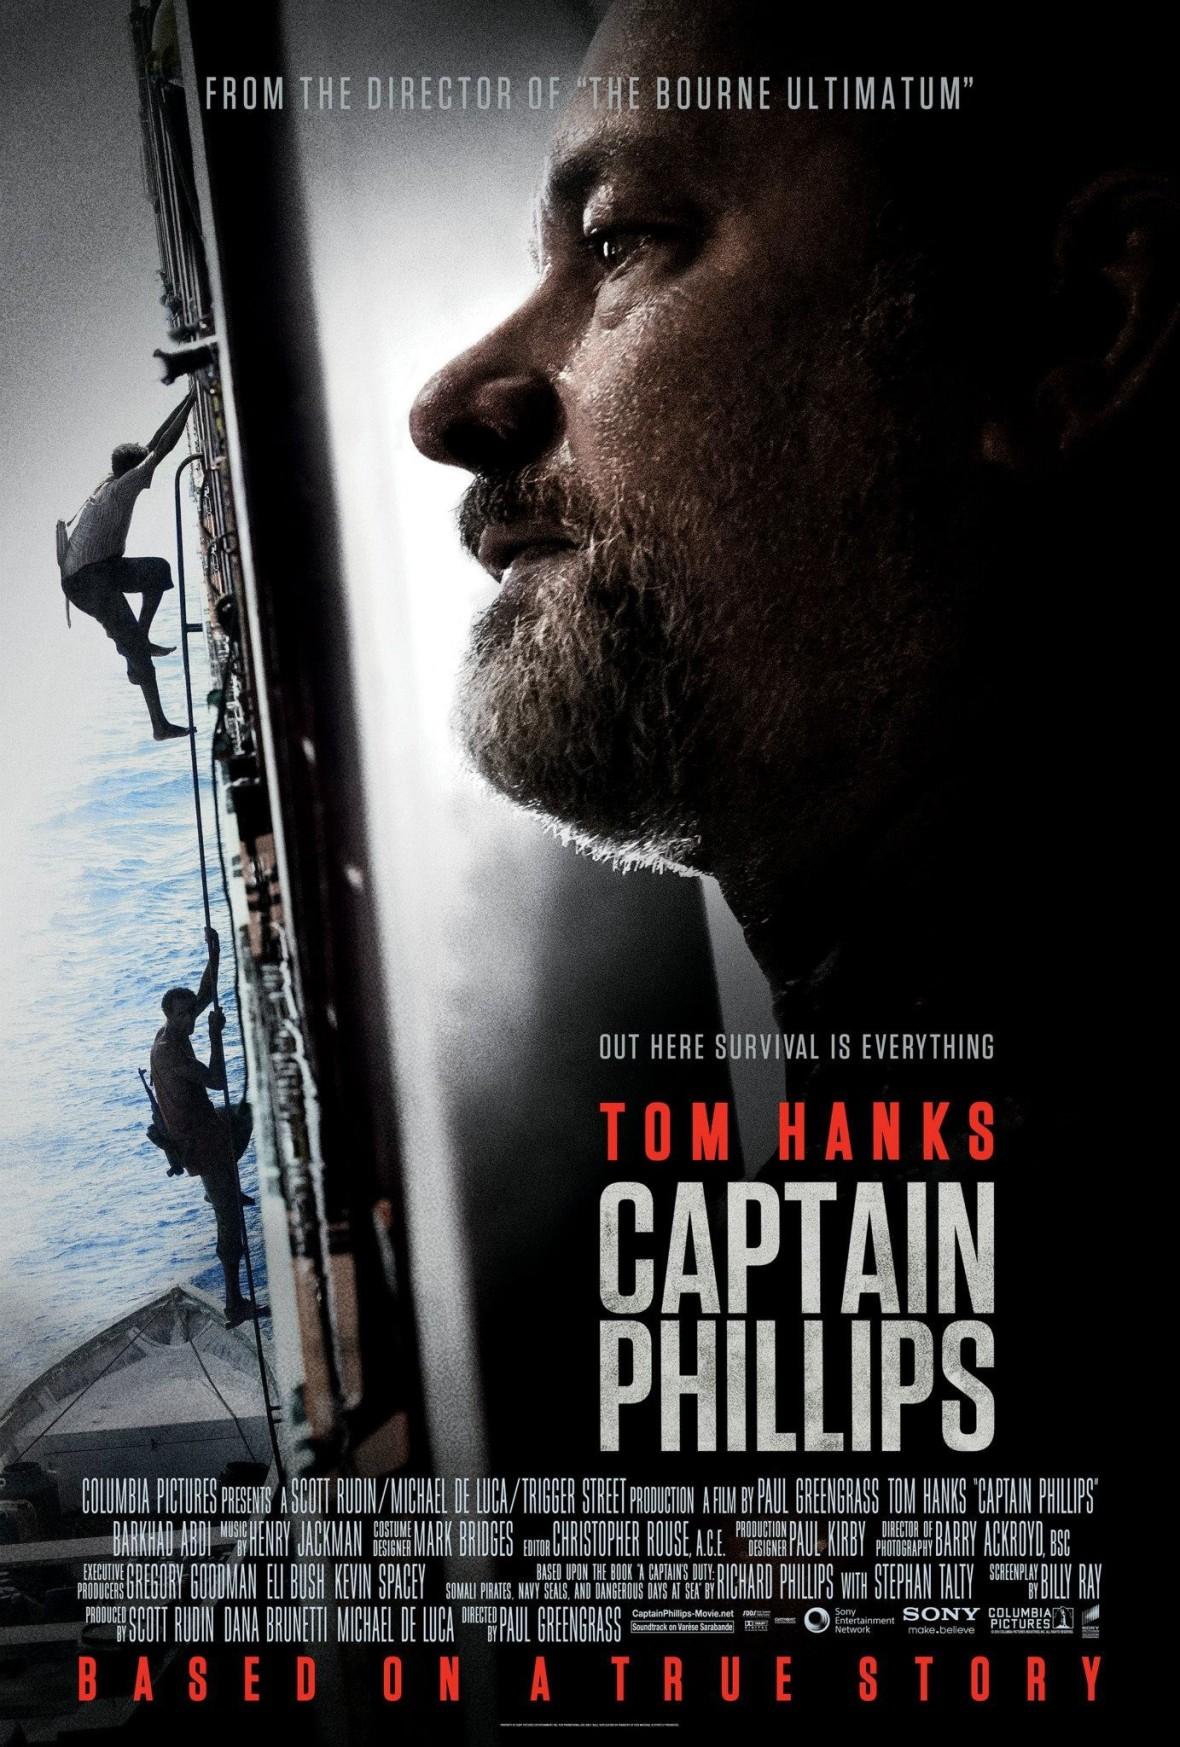 captainphillips01